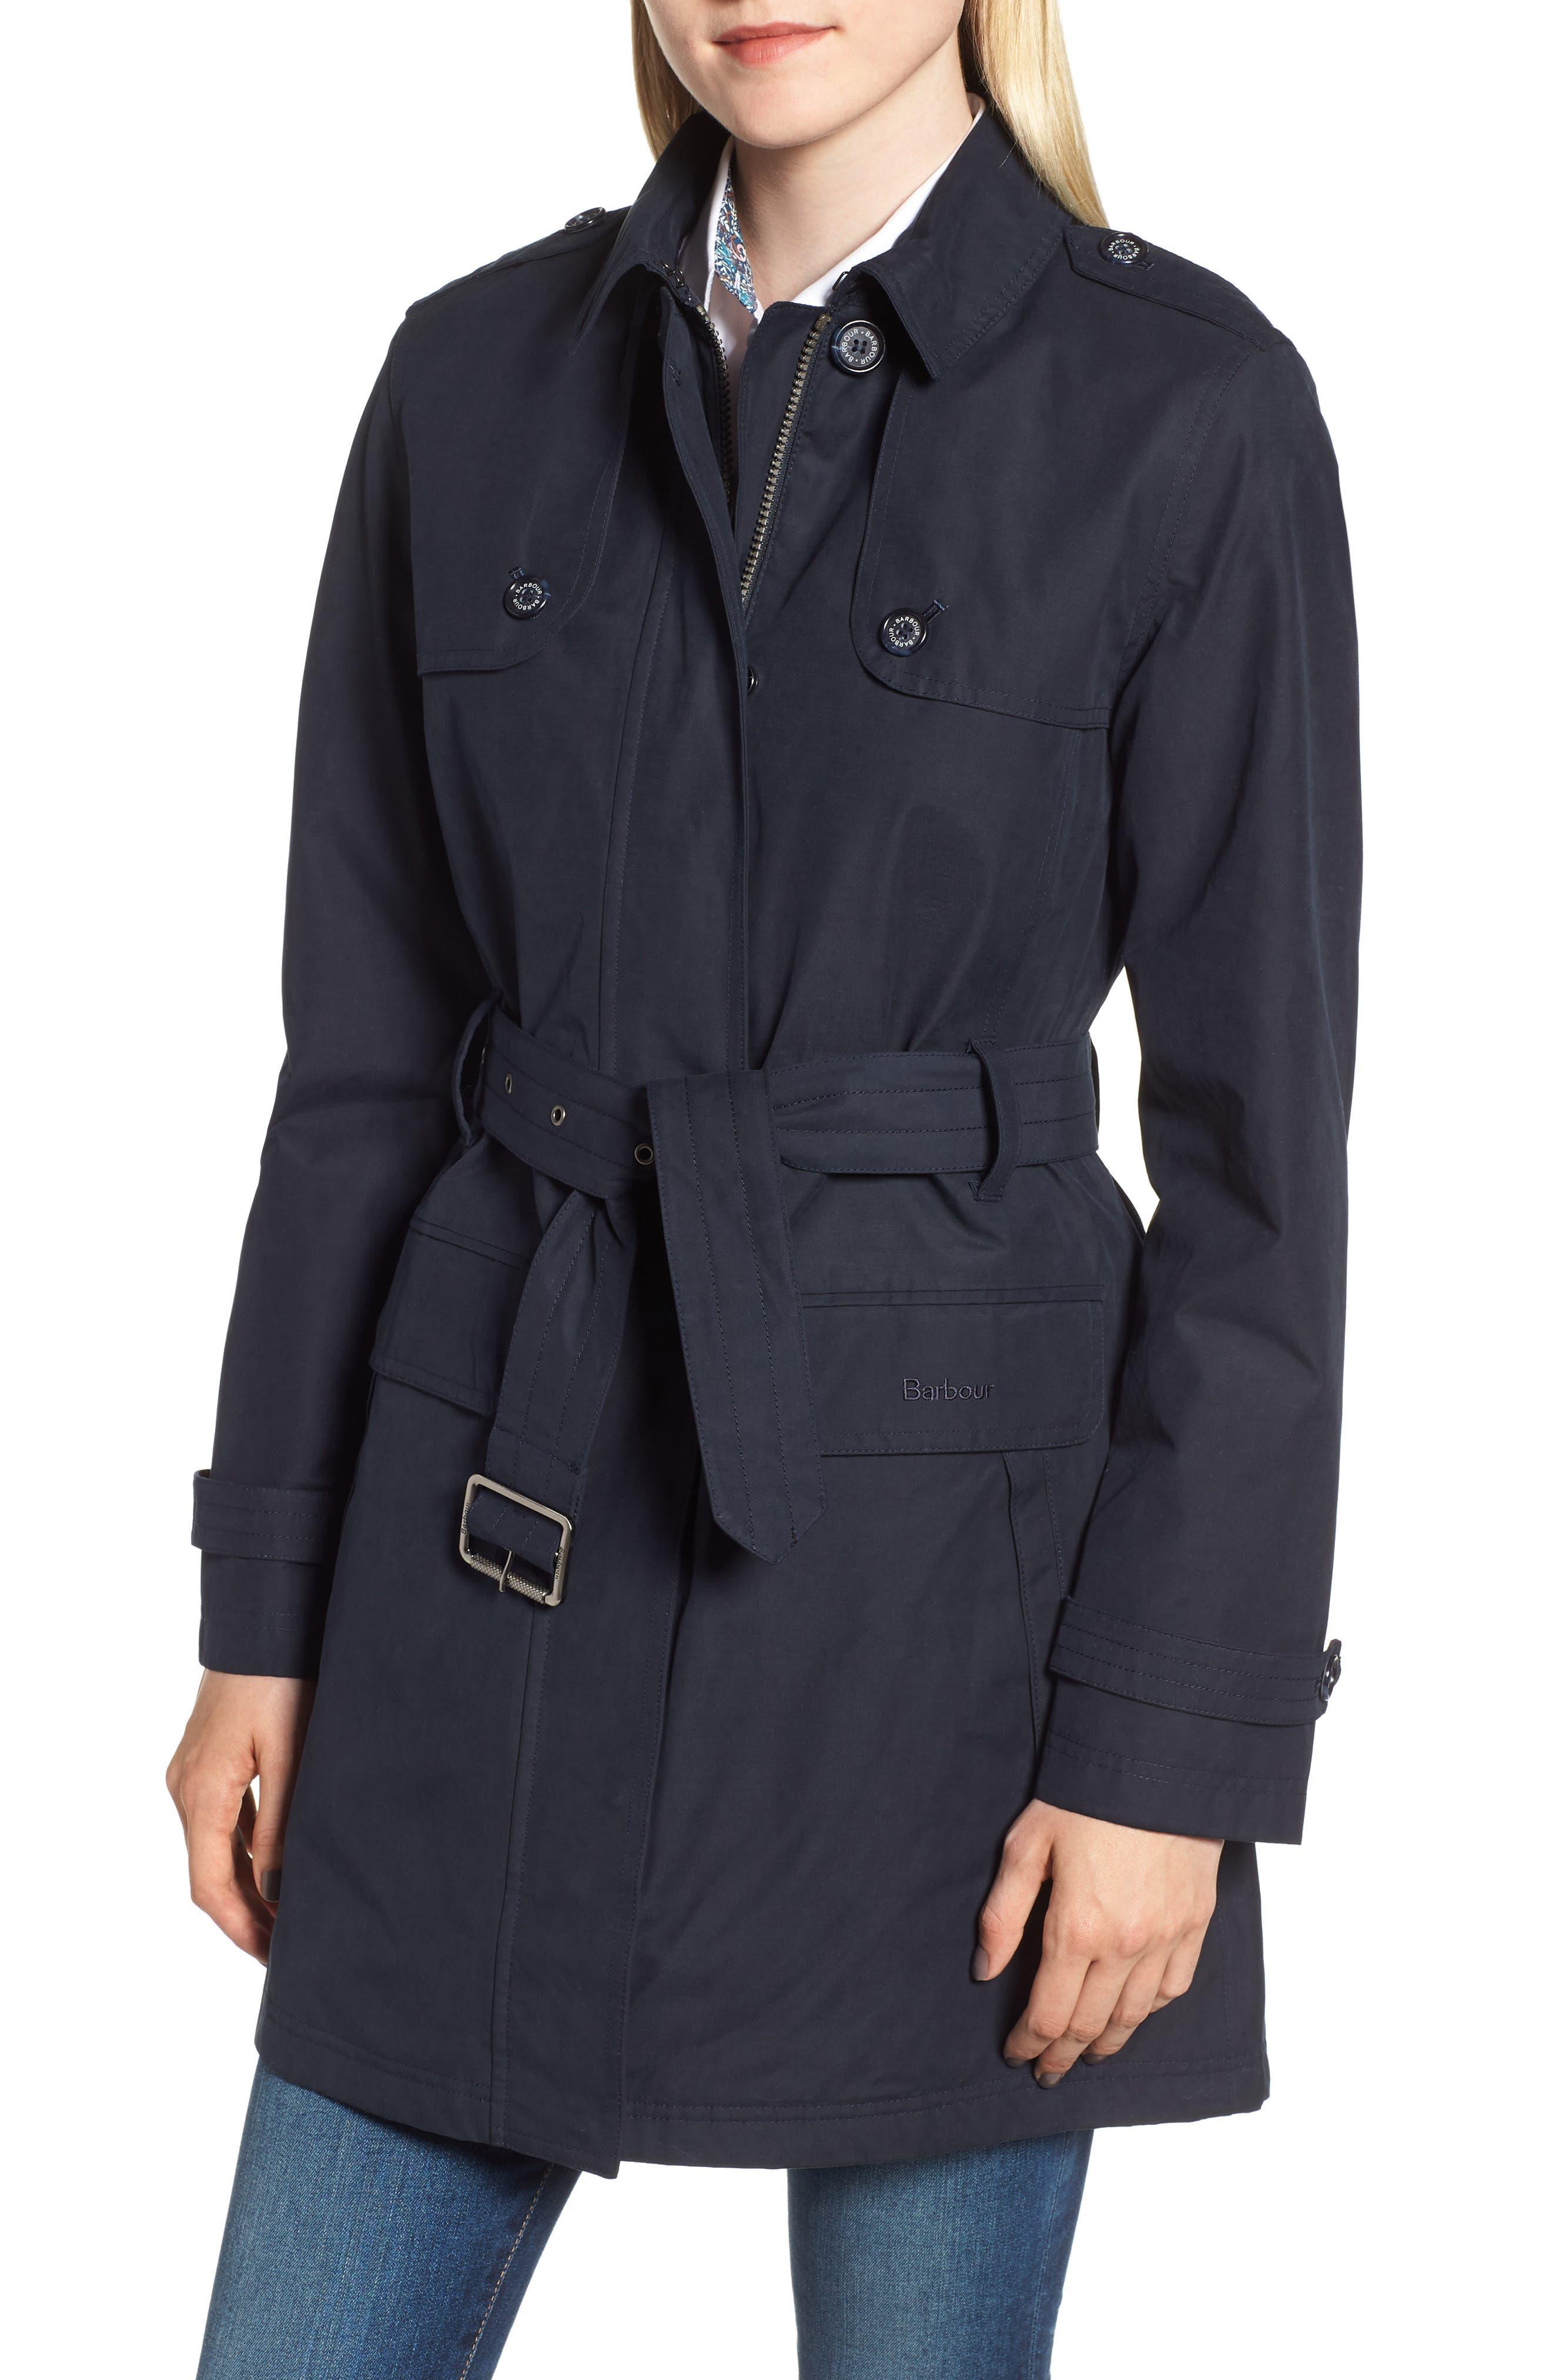 Barbour Tobermory Waterproof Belted Jacket, US / 8 UK - Blue